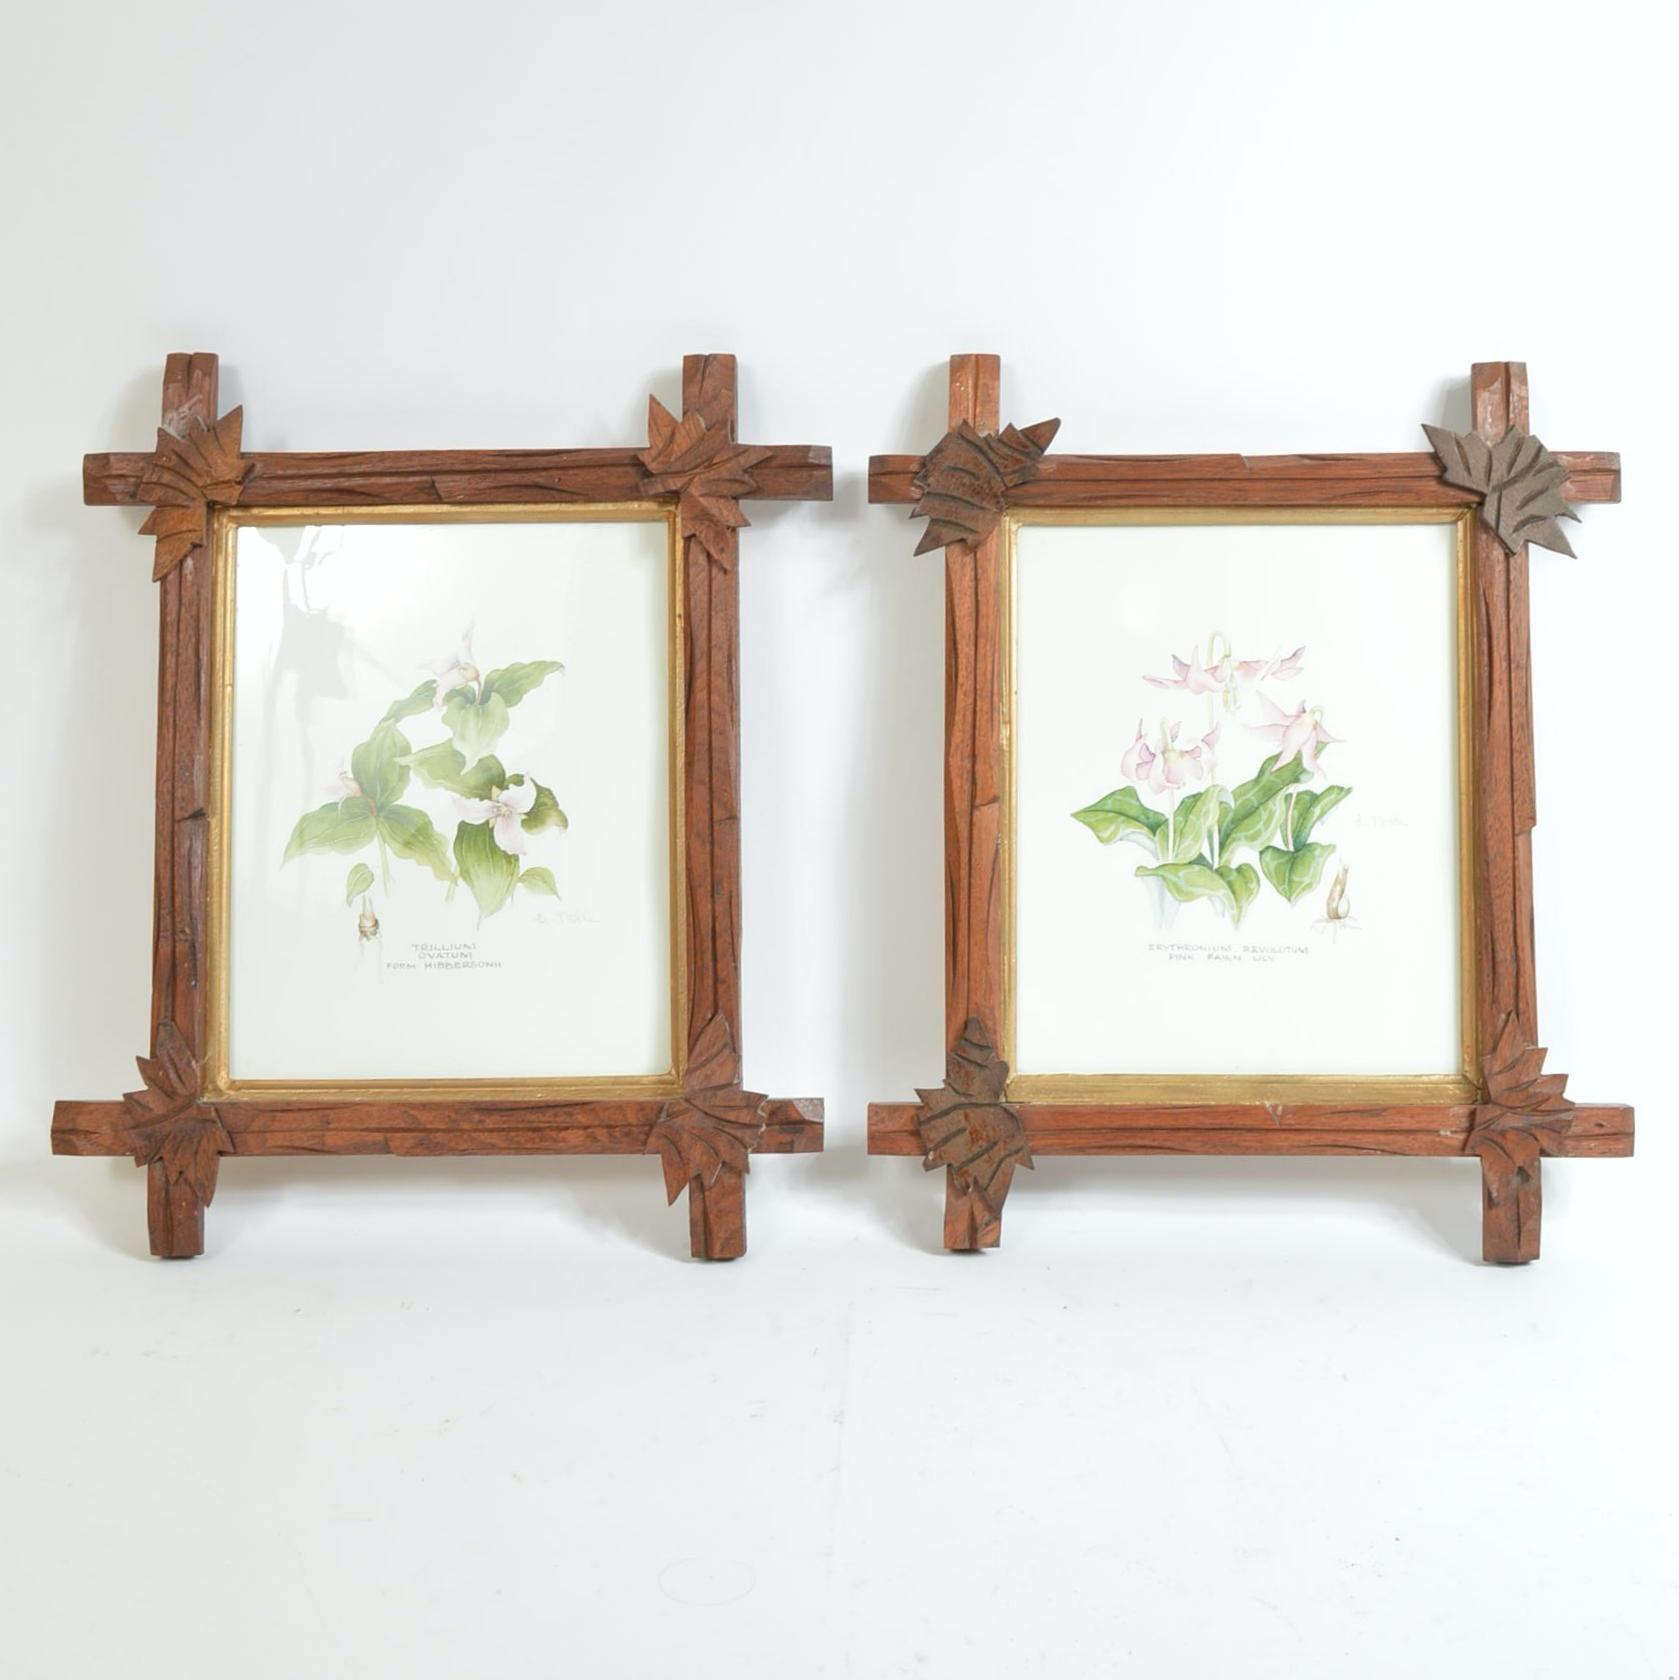 Framed Floral Offset Lithographs After Lyn Noble